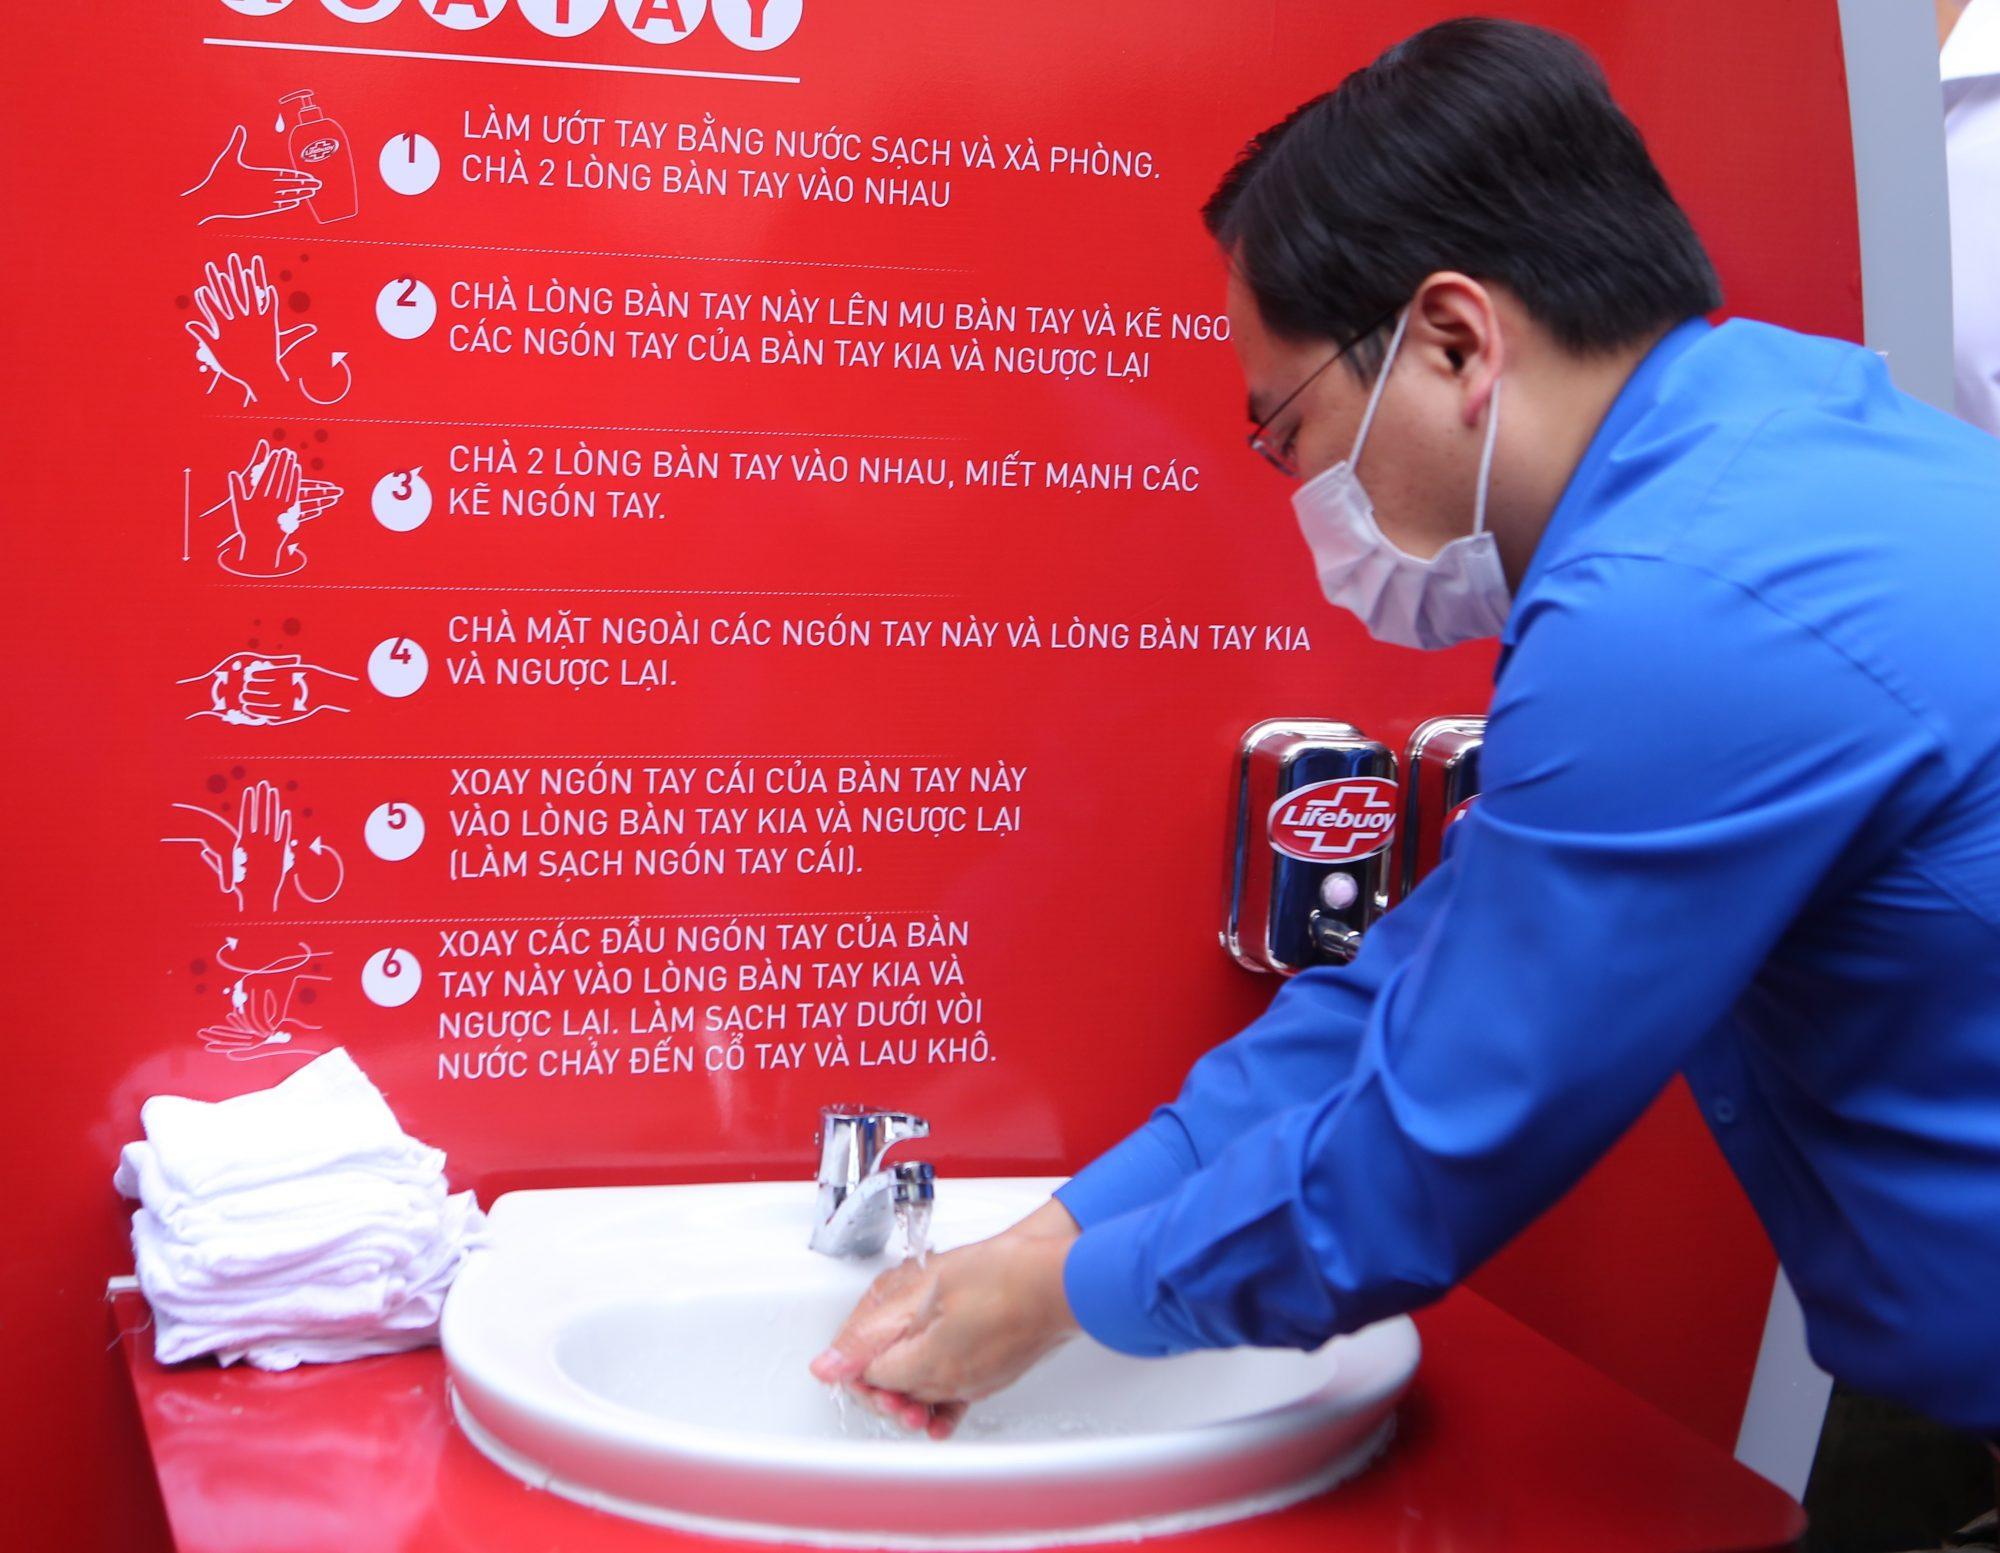 Sức khỏe - Chi Pu làm đại sứ của Quỹ 100 trạm rửa tay dã chiến phòng chống dịch Covid - 19 (Hình 6).